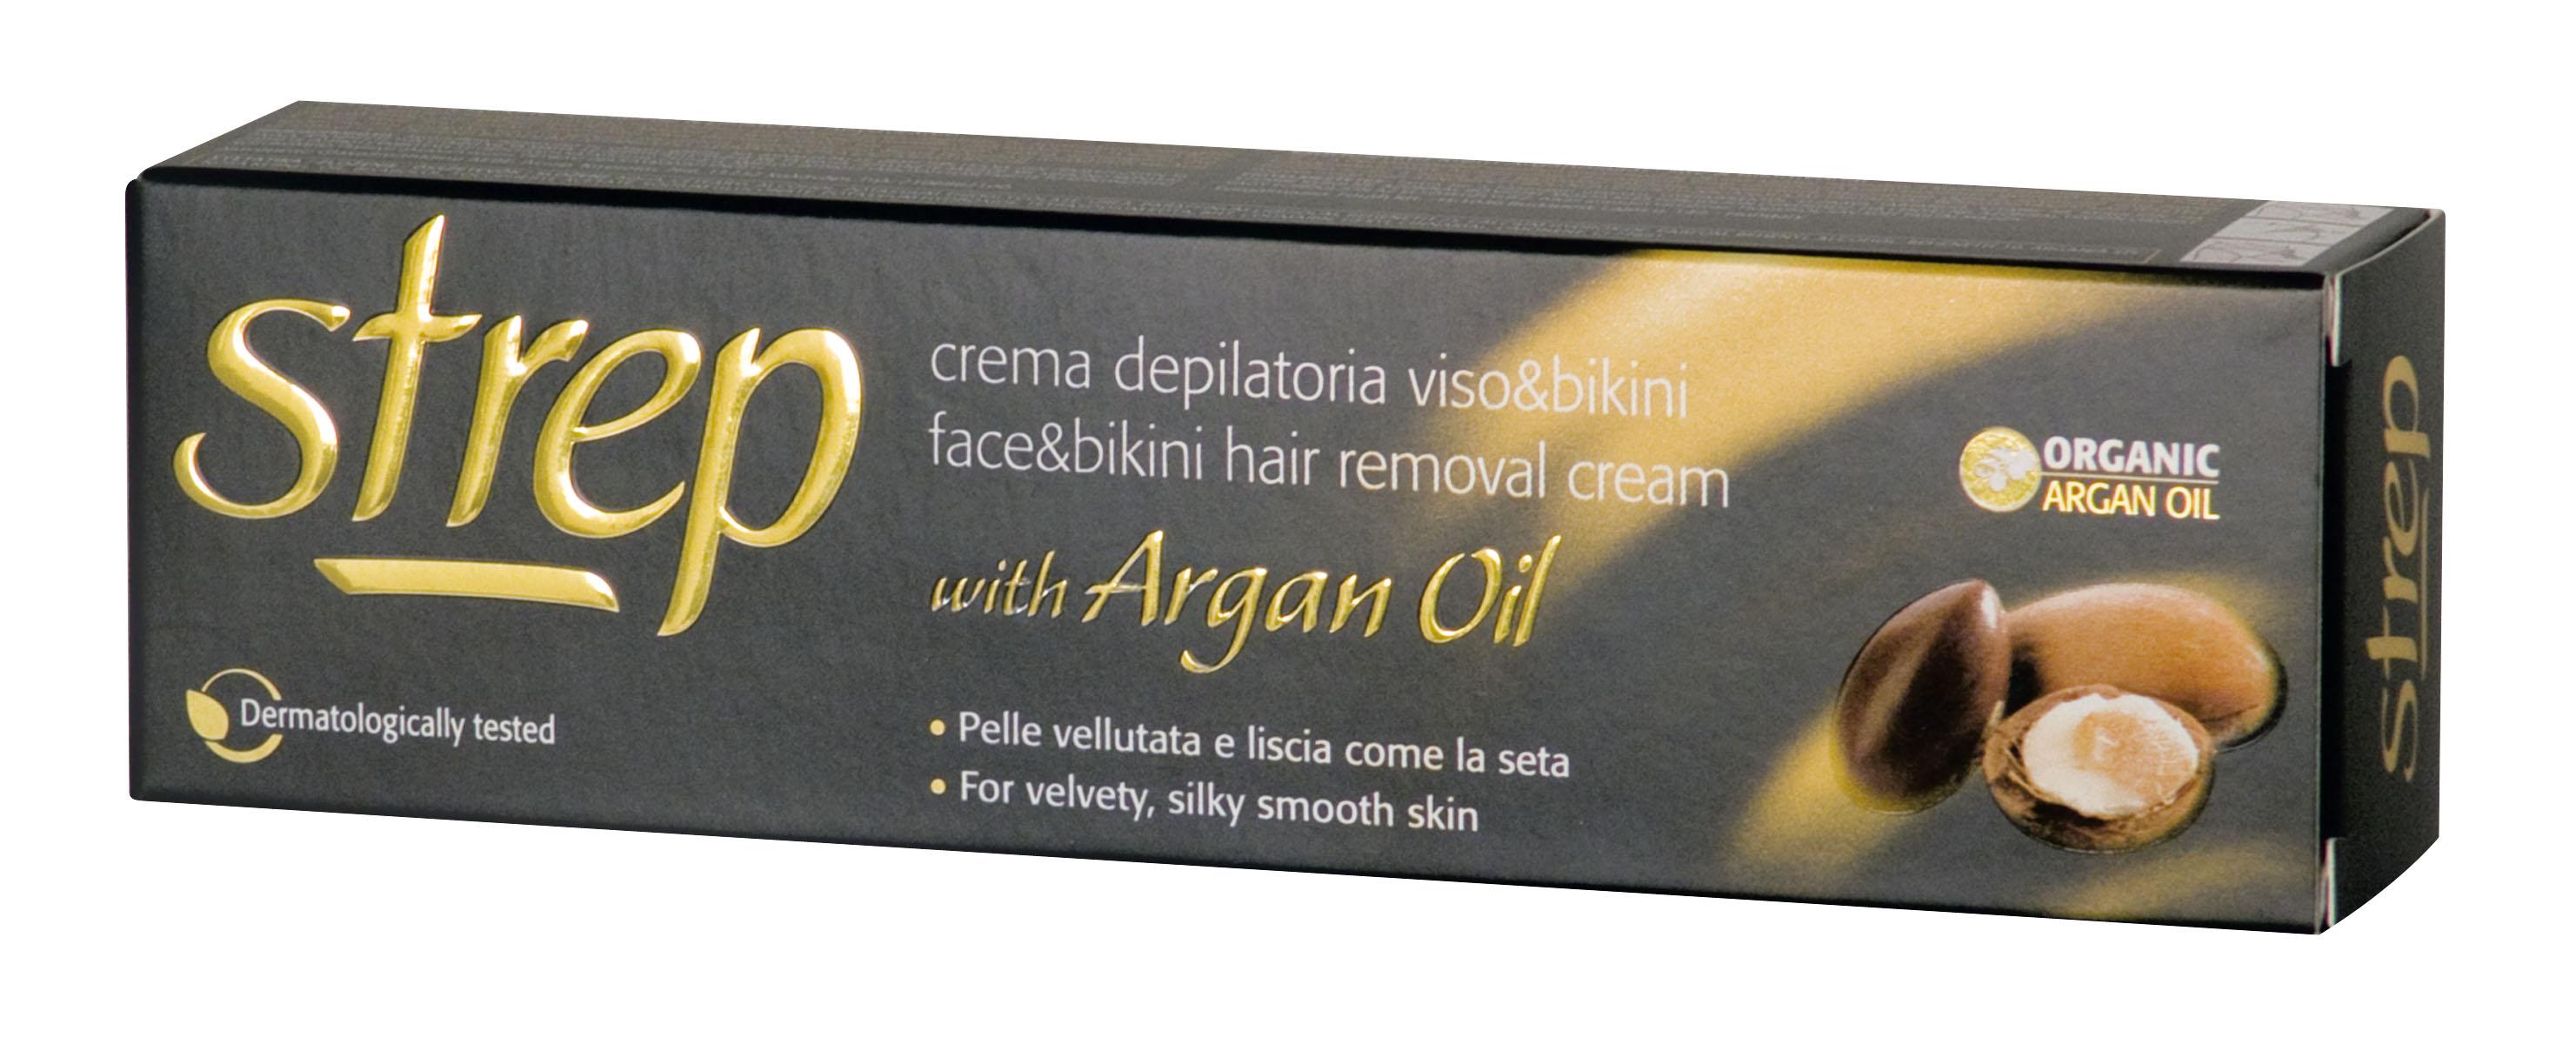 Fotografie Strep depilační krém pro depilaci tváře a oblasti bikin s arganovým olejem 50 ml